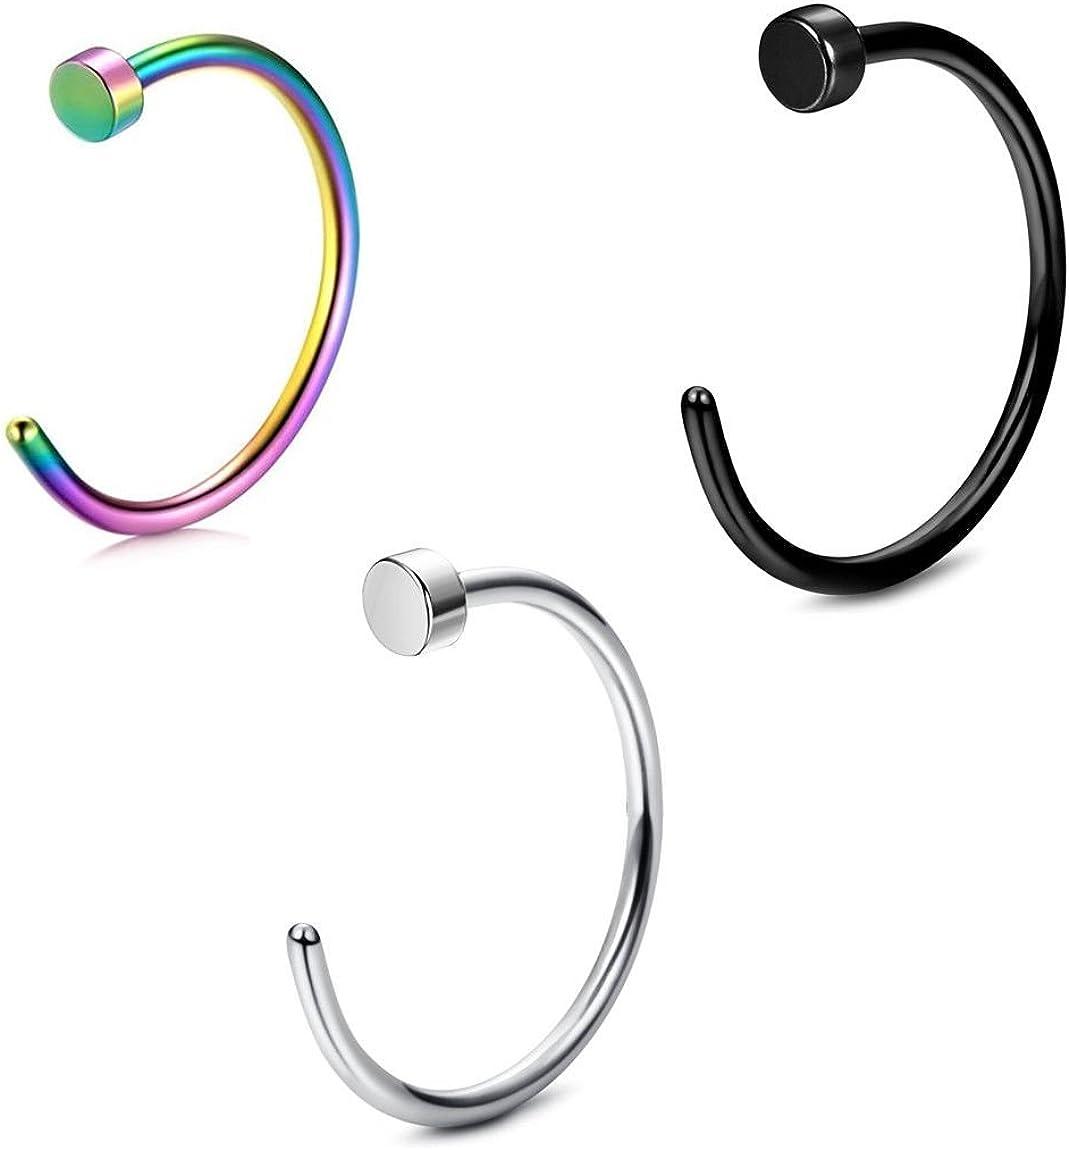 BodyJewelryOnline Nose Hoop Ring Pack of 3 Black, 18g and 20g Al